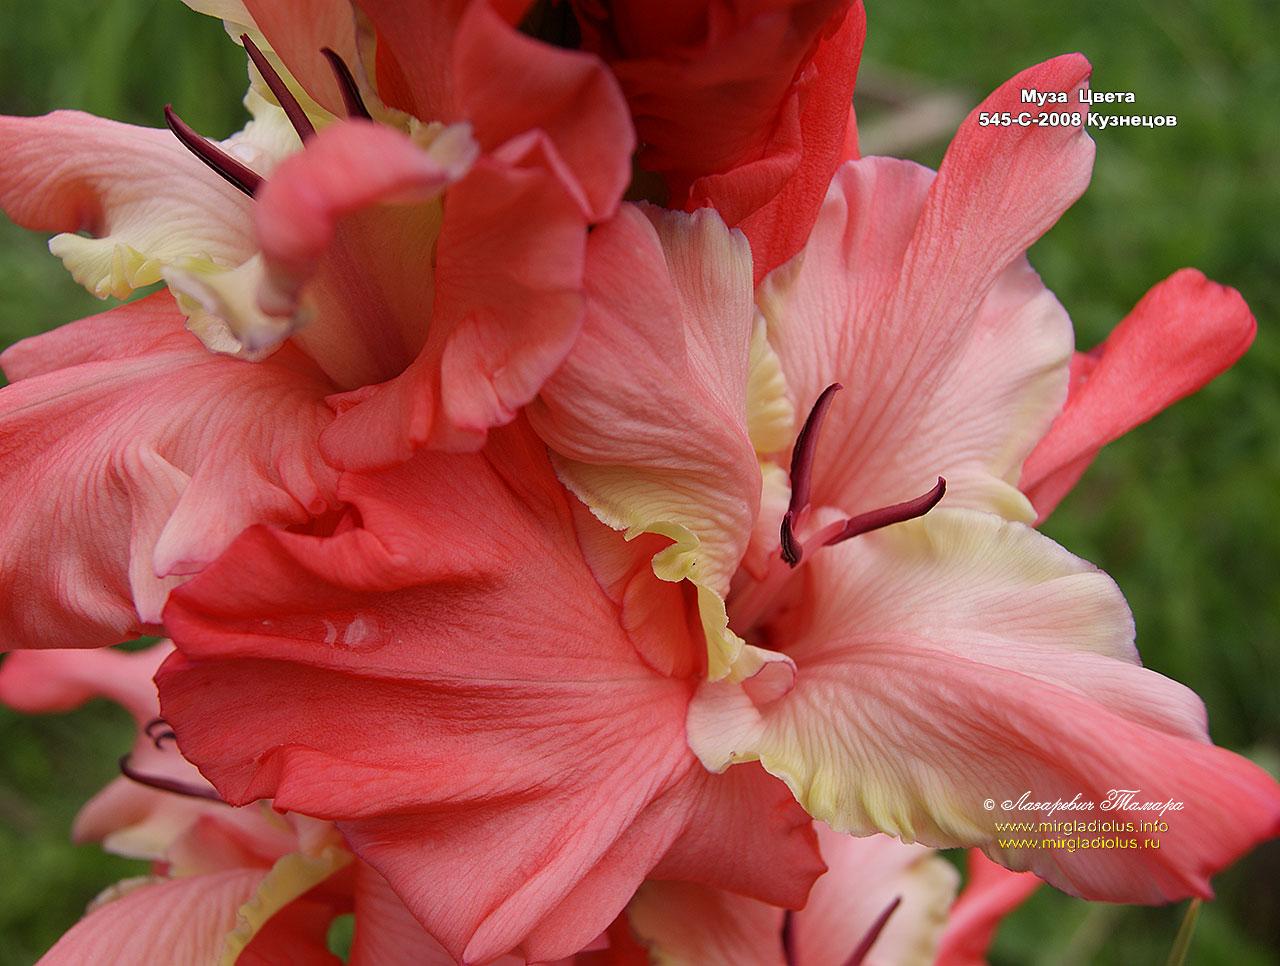 Мир цветов гладиолусы фото